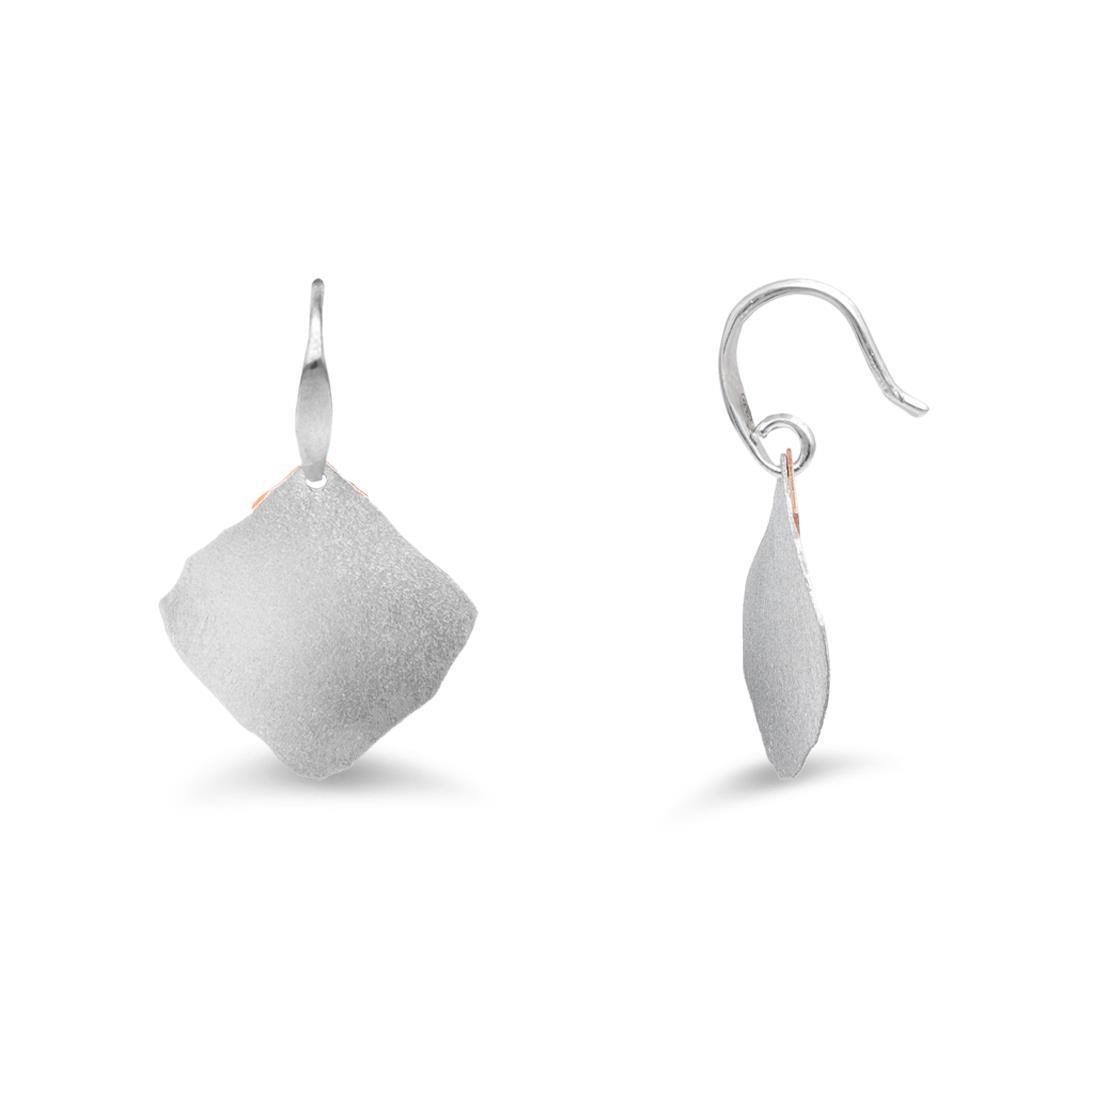 Orecchini in argento - NOMINATION